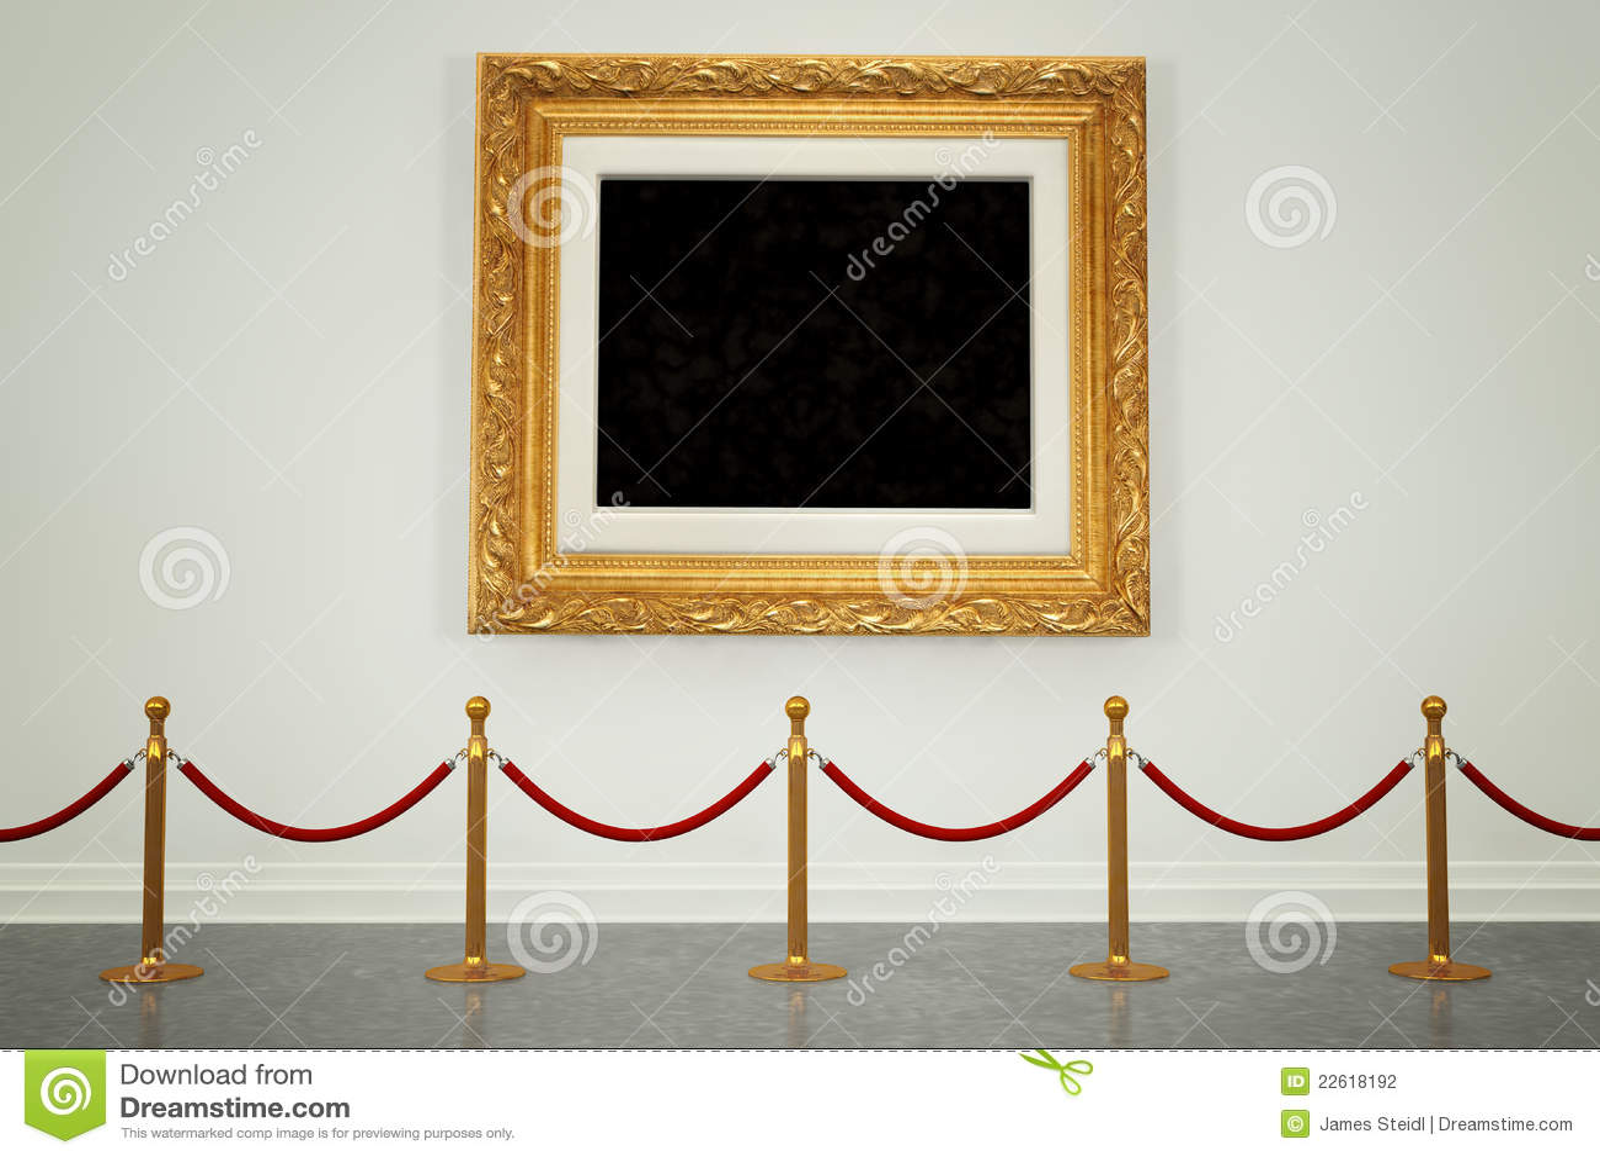 blank museum wall blank art